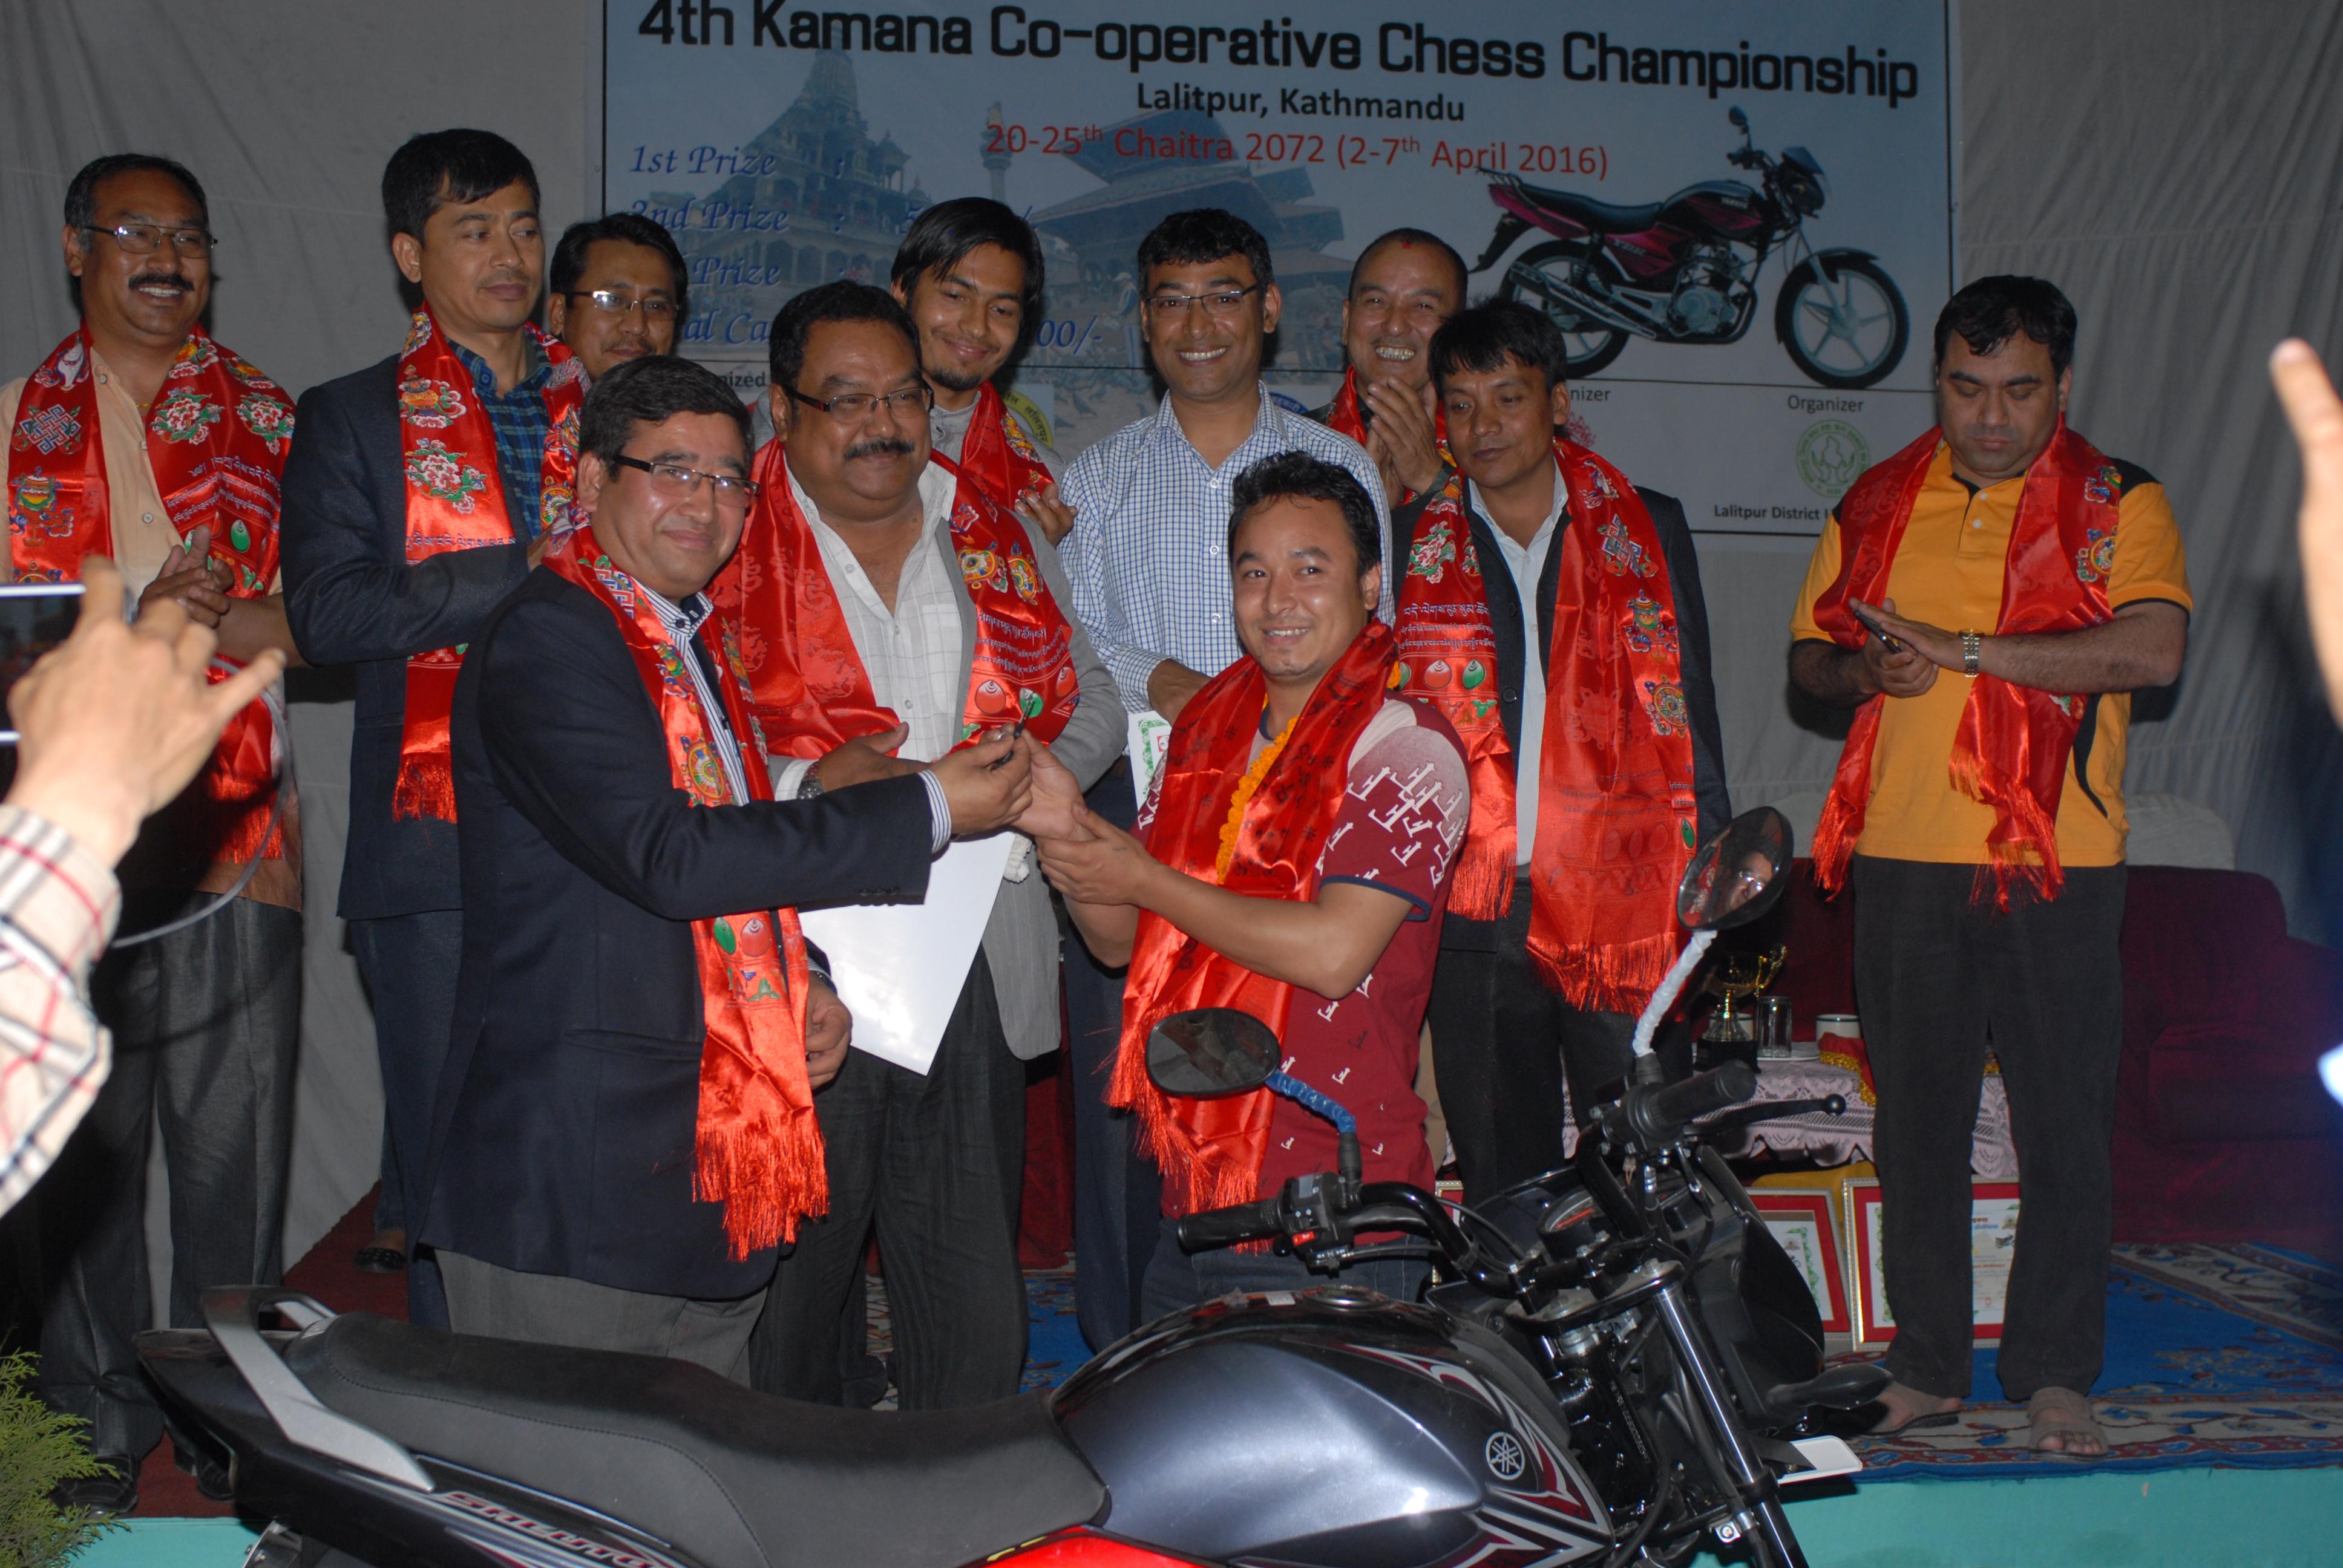 कामना साकोस बुद्धिचालका विजेता सजिन महर्जनलाई मोटरसाइकलको साचो हस्तान्तरण गर्दै नेपाल ओलम्पिक कमिटीका अध्यक्ष जीवनराम श्रेष्ठ ।